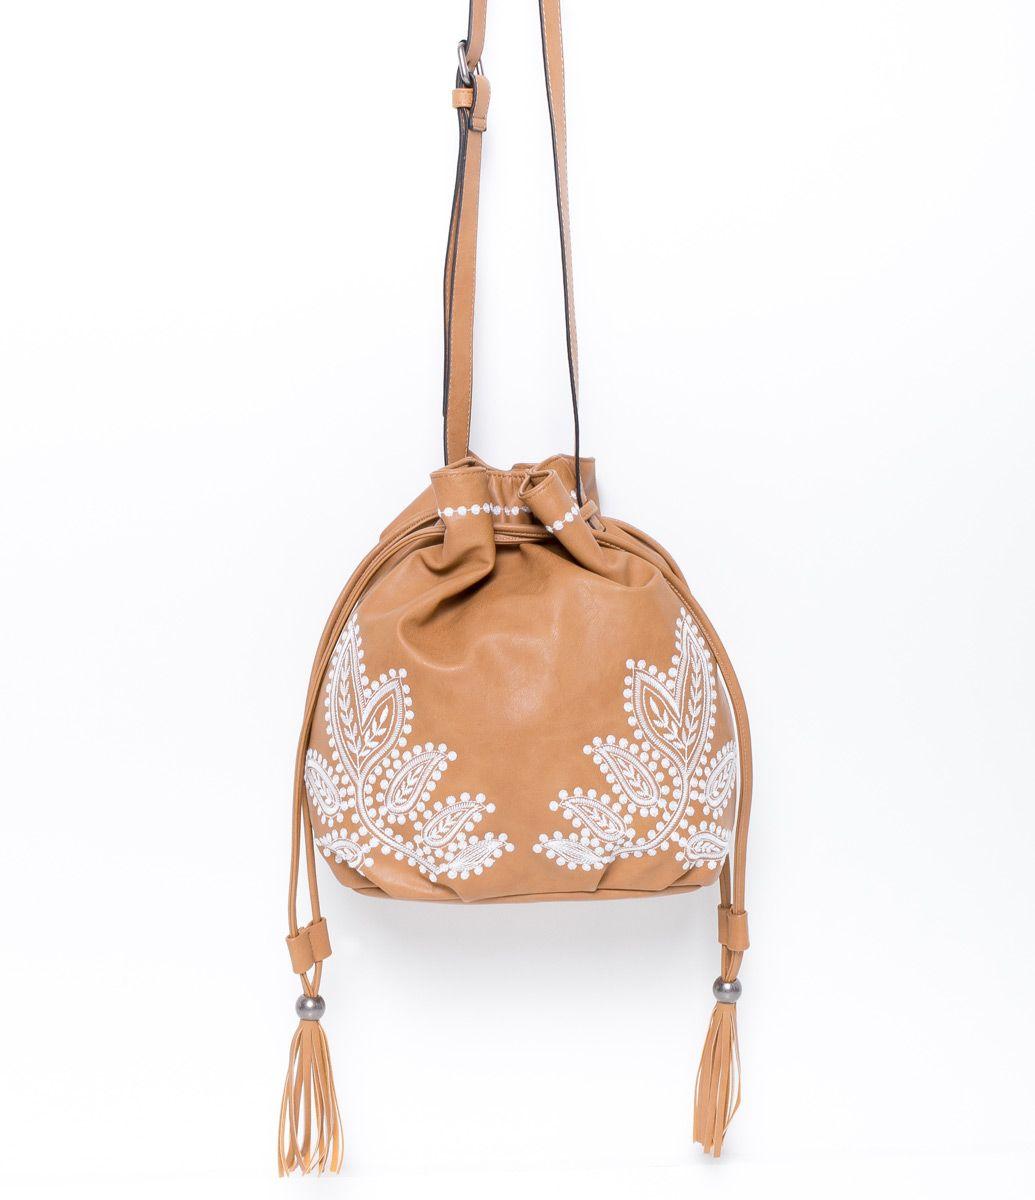 08506b91e Bolsa Feminina Saco com Bordados - Lojas Renner   bolsas/mochilas em ...